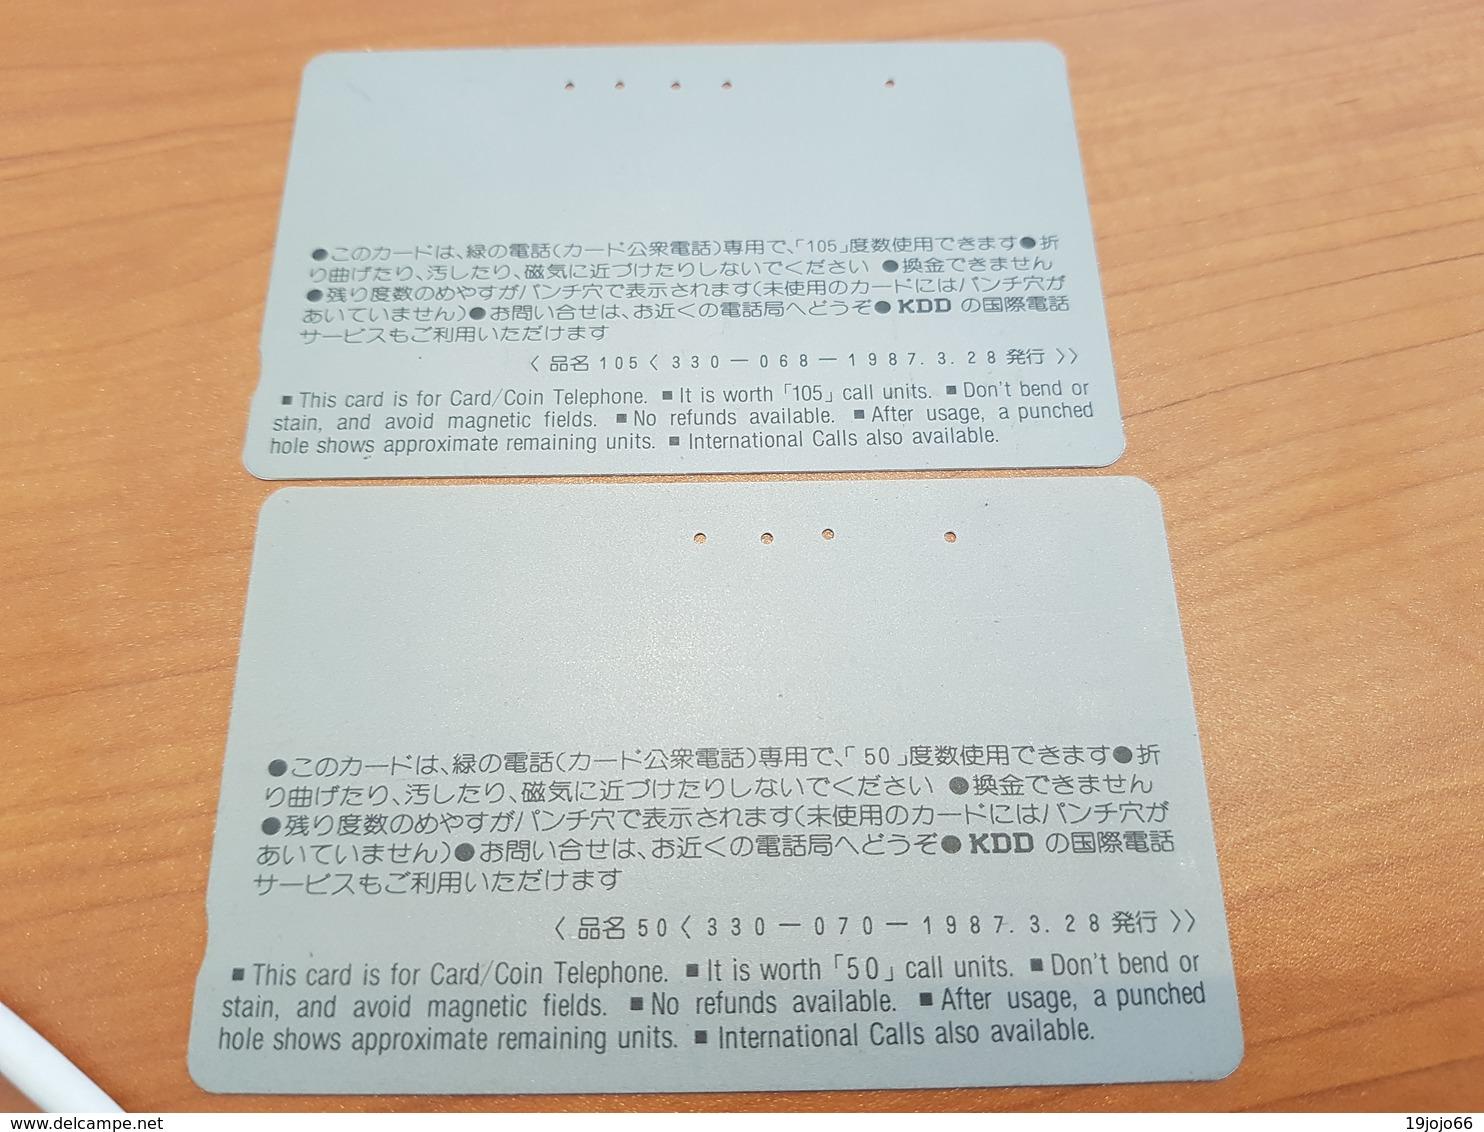 2 Ancienne Telecarte Japon Set - Balkenkarte / Front Bar Card Japan / 1985 - 1987 - Japan